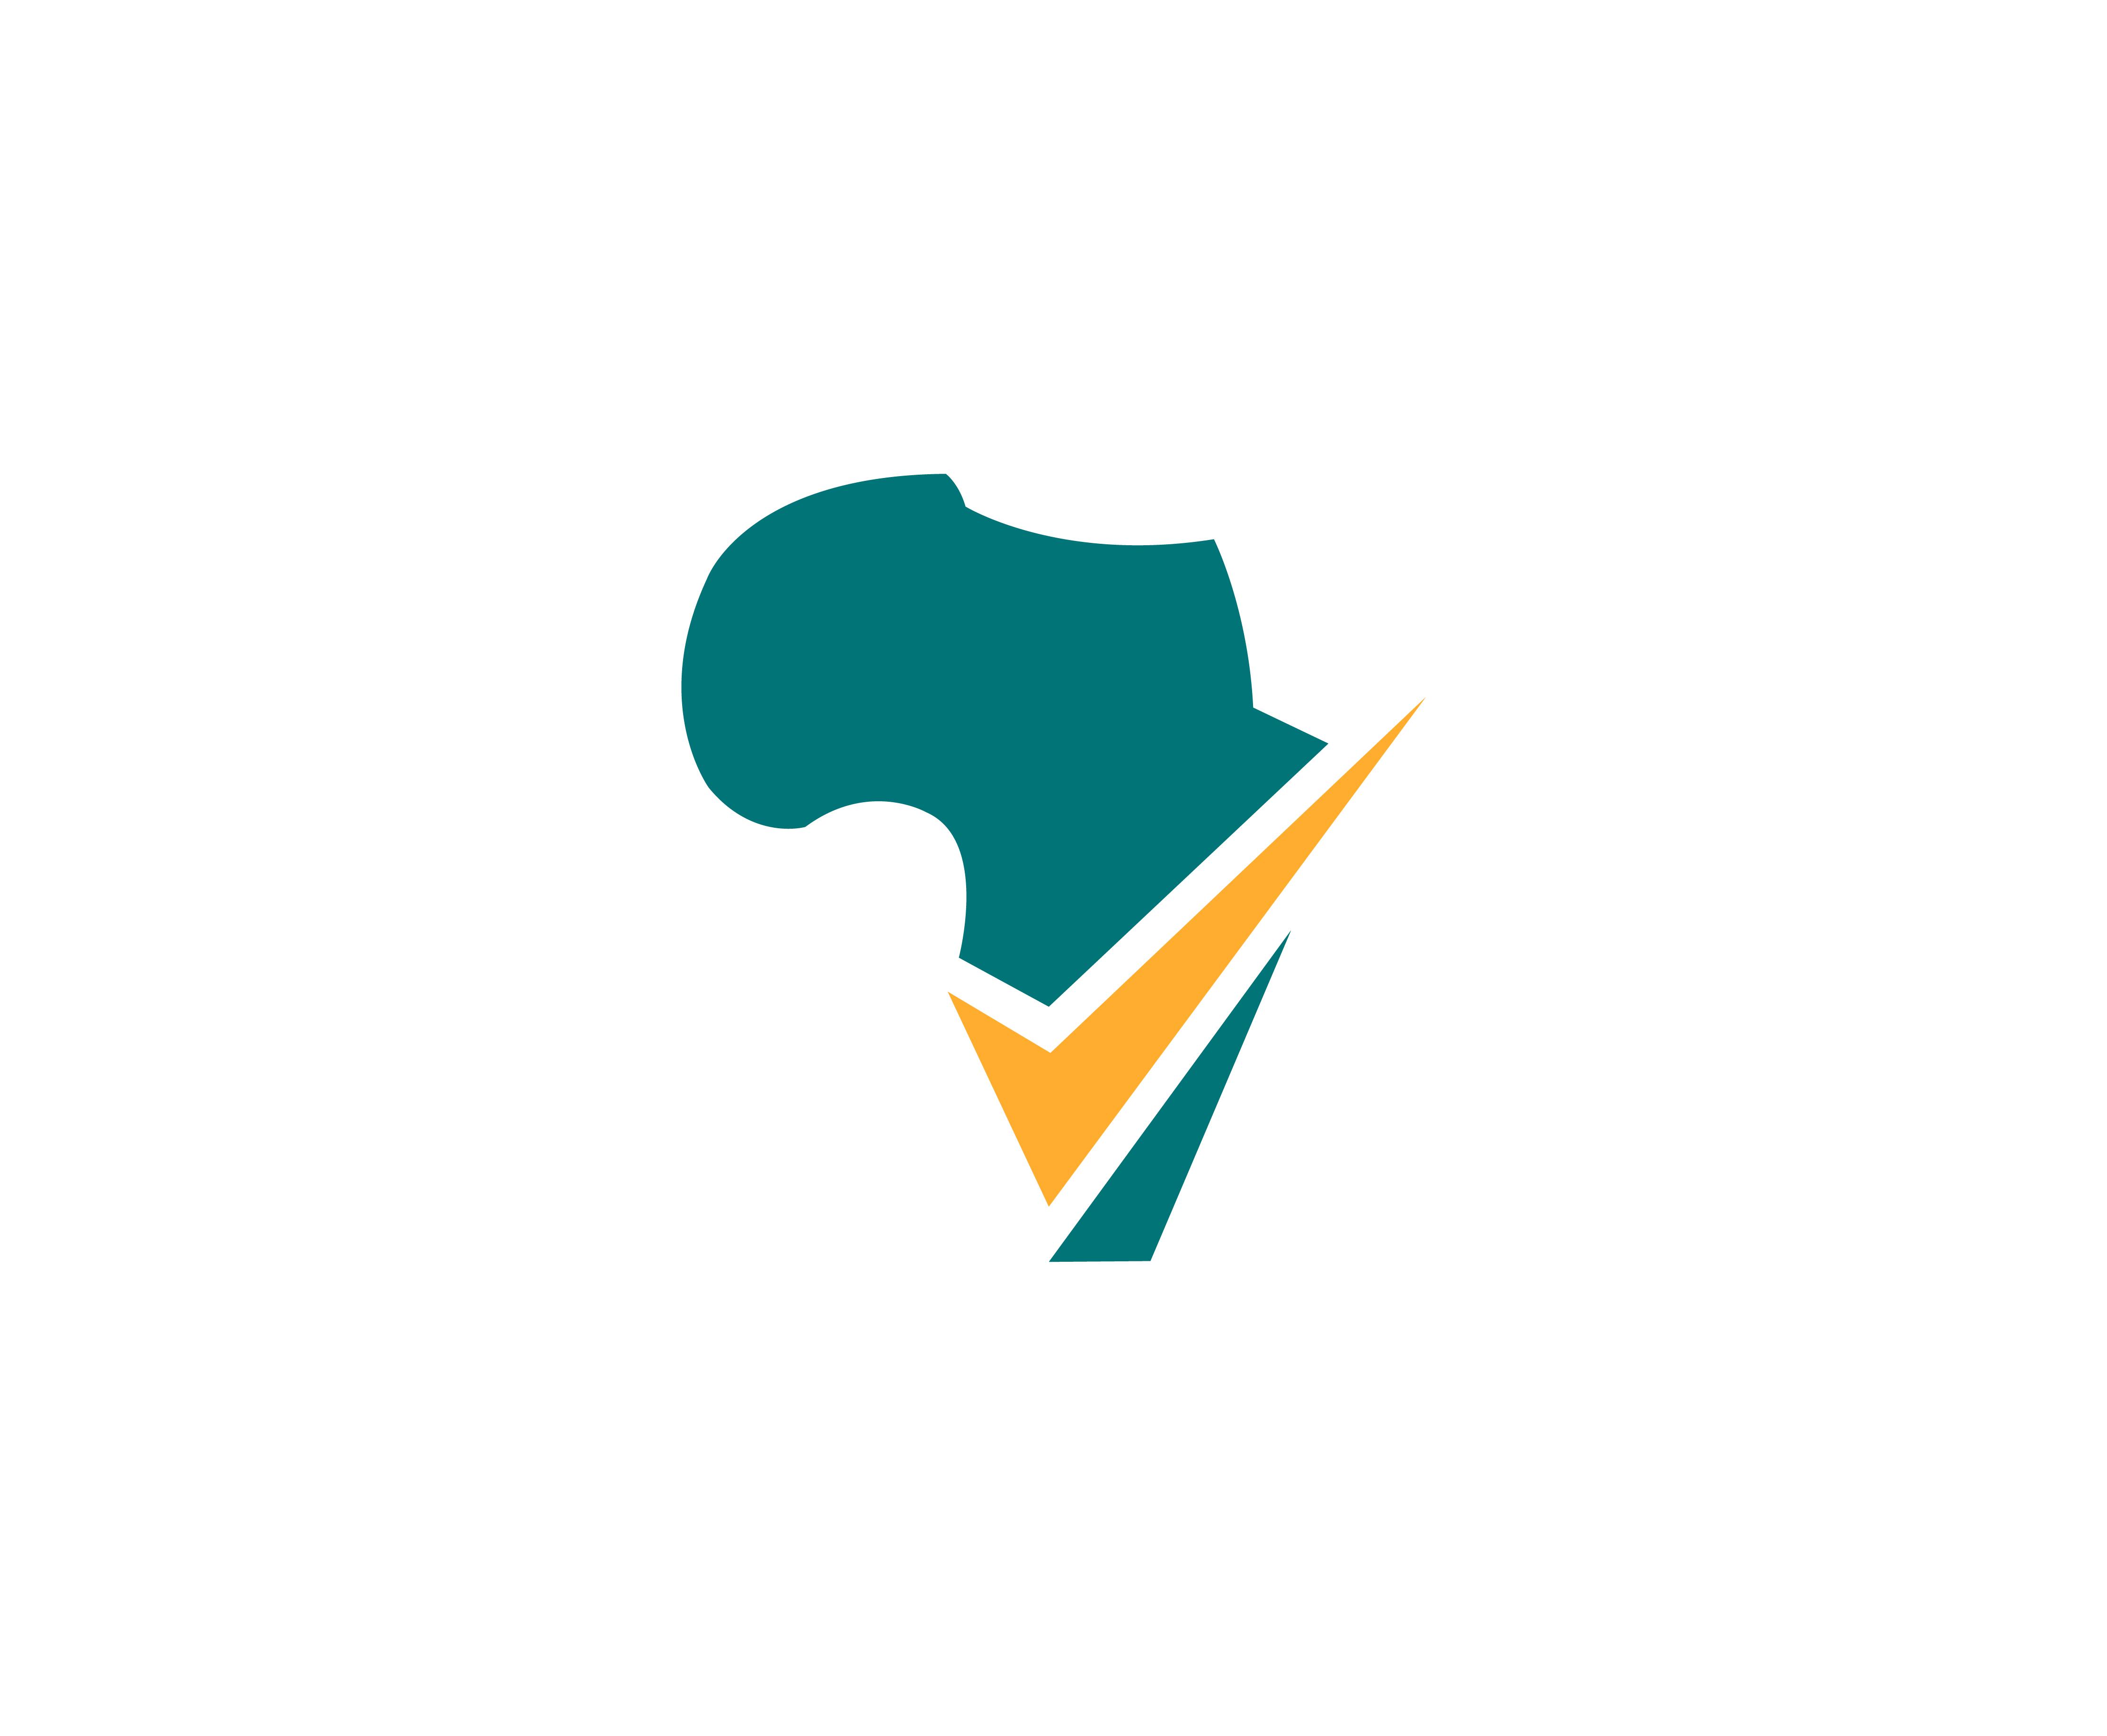 logos-for-sale-agent-orange-design-africa-check-mark.jpg